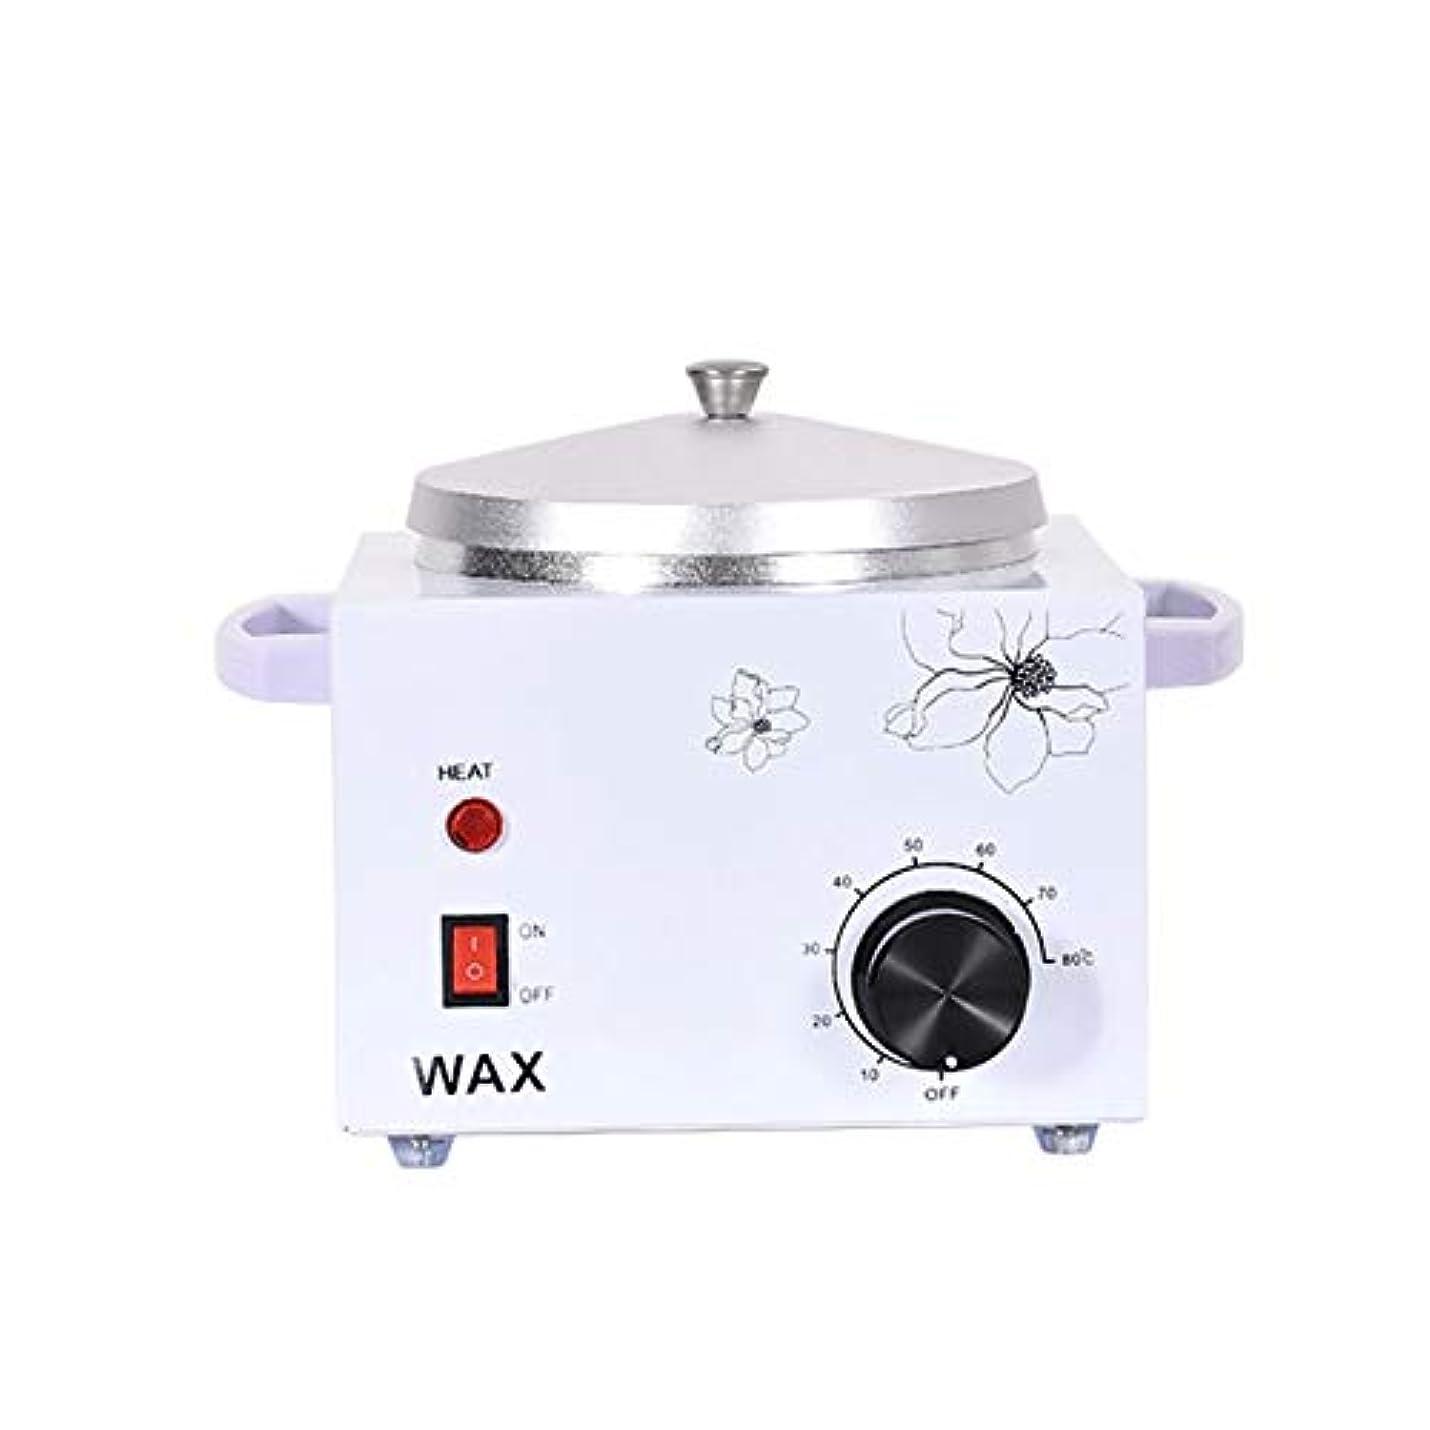 フェザー瞬時に価格プロフェッショナル電気ワックスウォーマーヒーター美容室ワックスポット多機能シングル口の炉内温度制御脱毛脱毛ワックスビーンヒーター600ccの